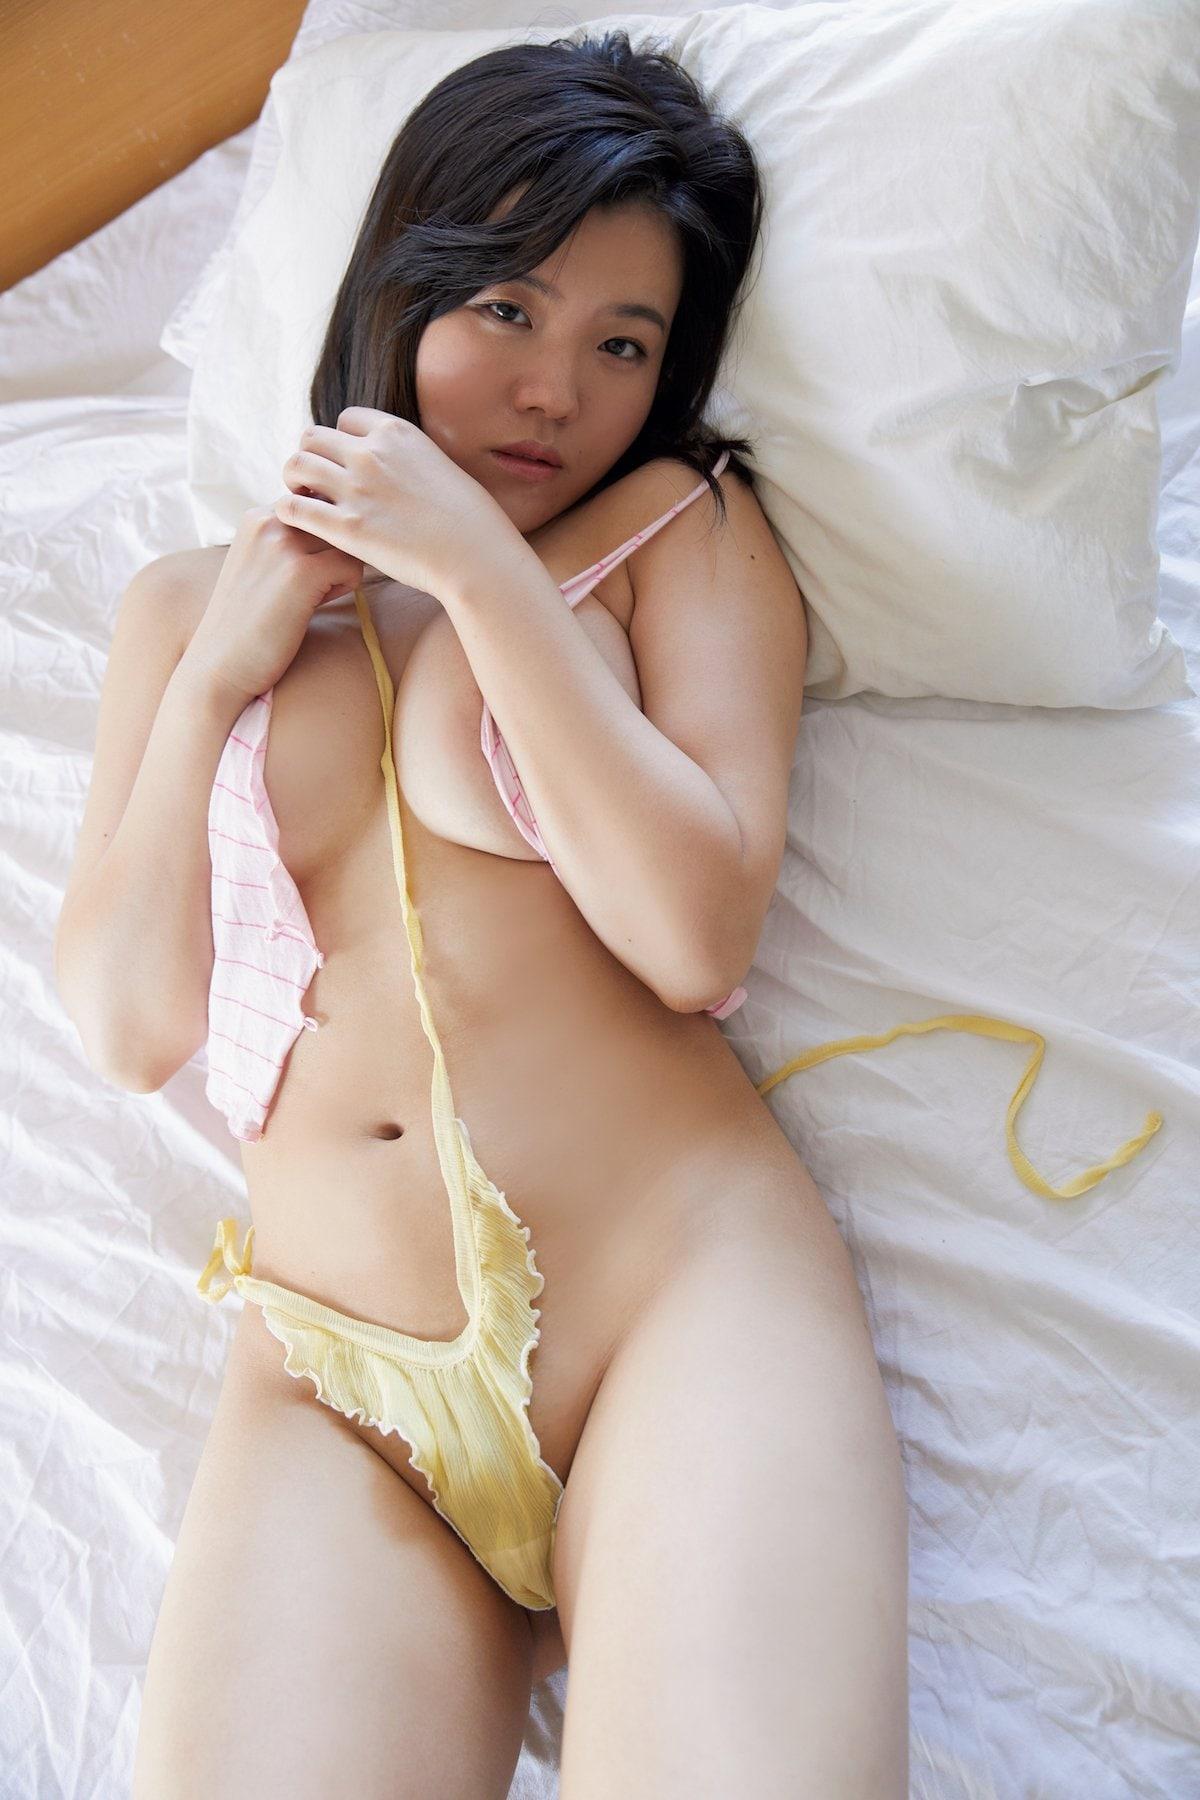 桜田なな「Gカップの生徒会長」が過激衣装で誘惑!【画像6枚】の画像001